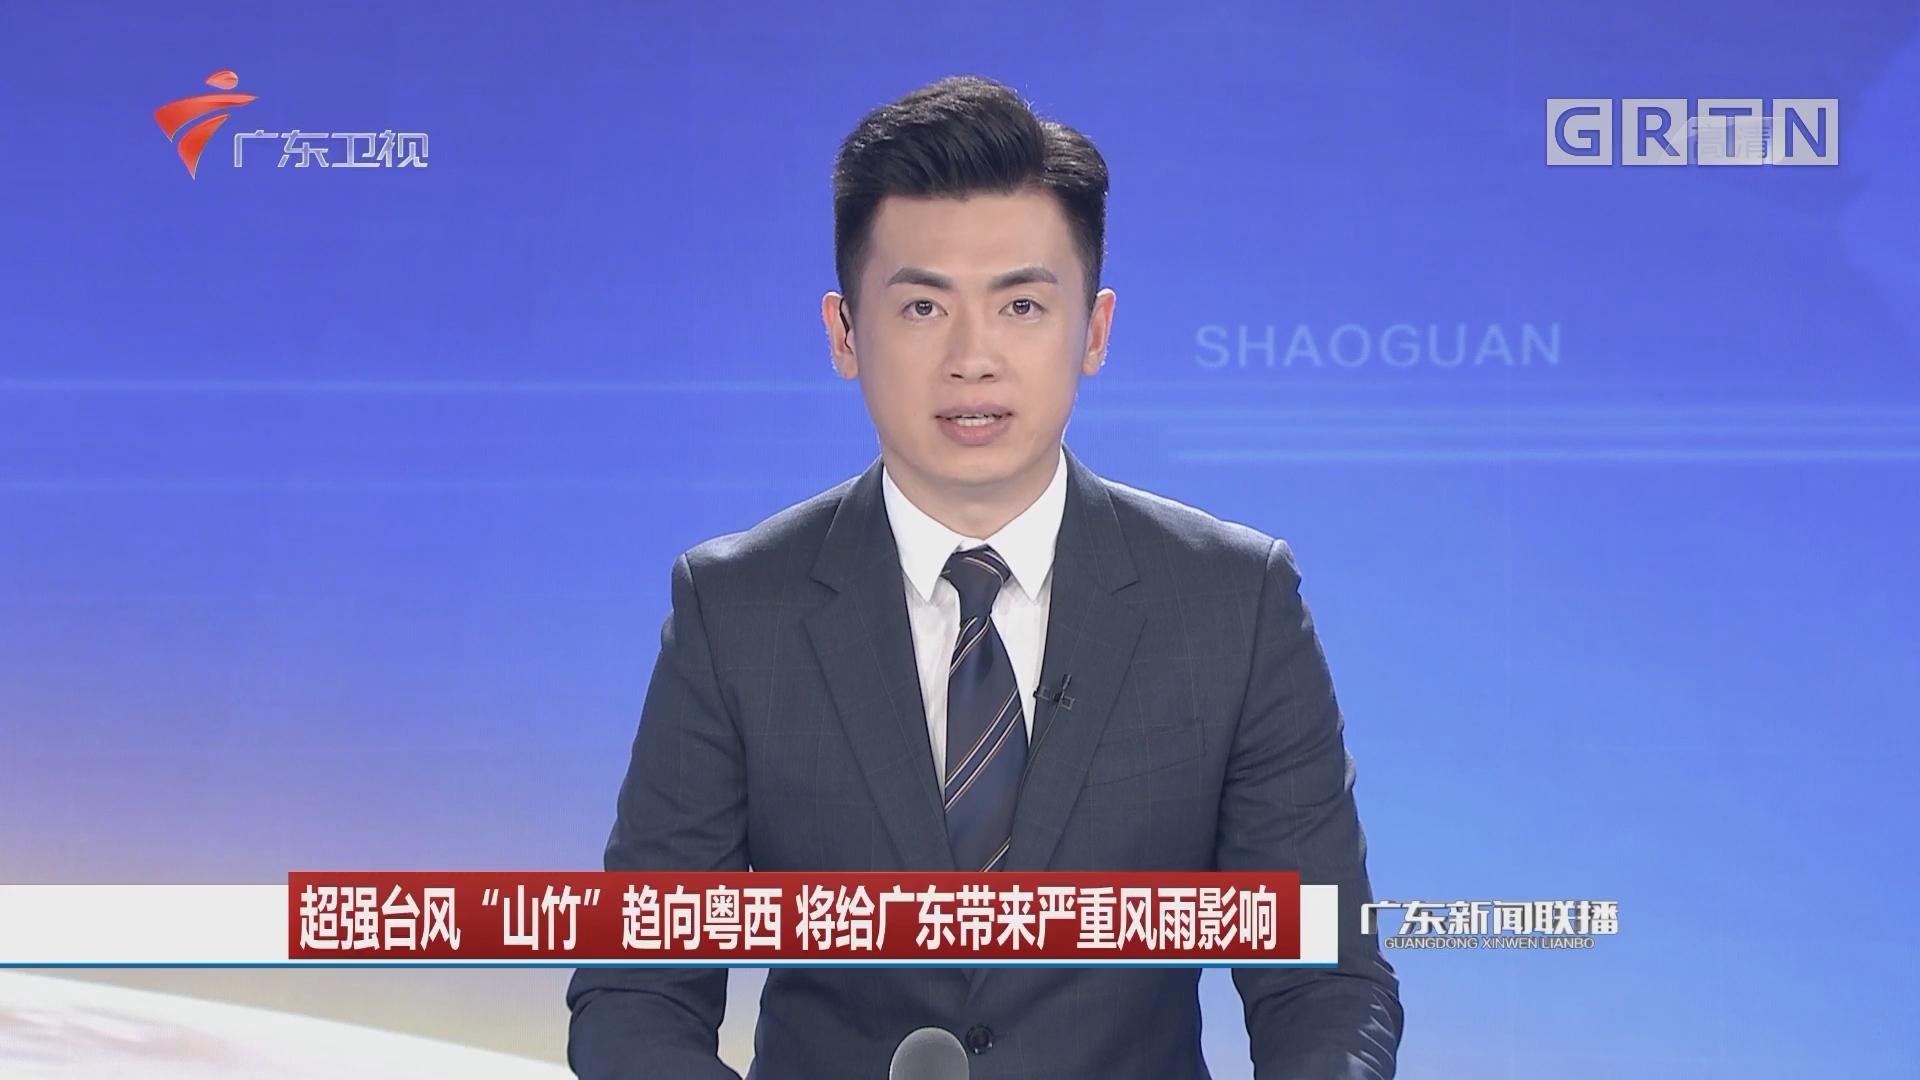 """超强台风""""山竹""""趋向粤西 将给广东带来严重风雨影响"""